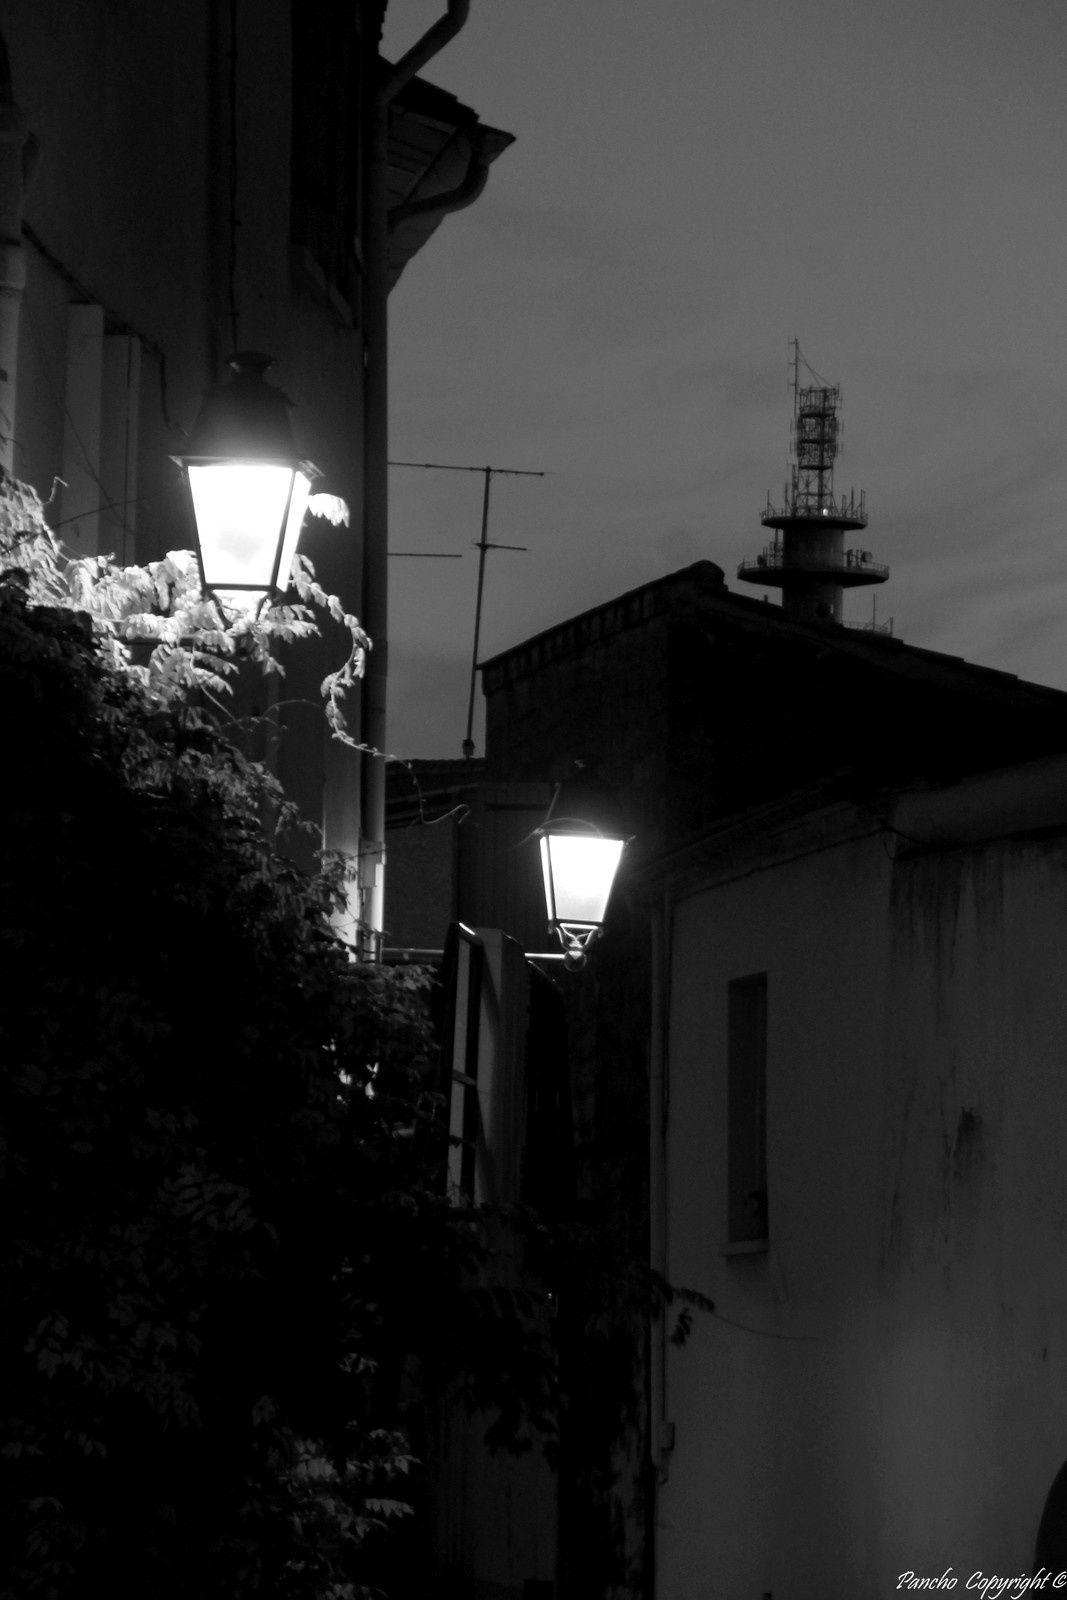 Celleneuve by night...